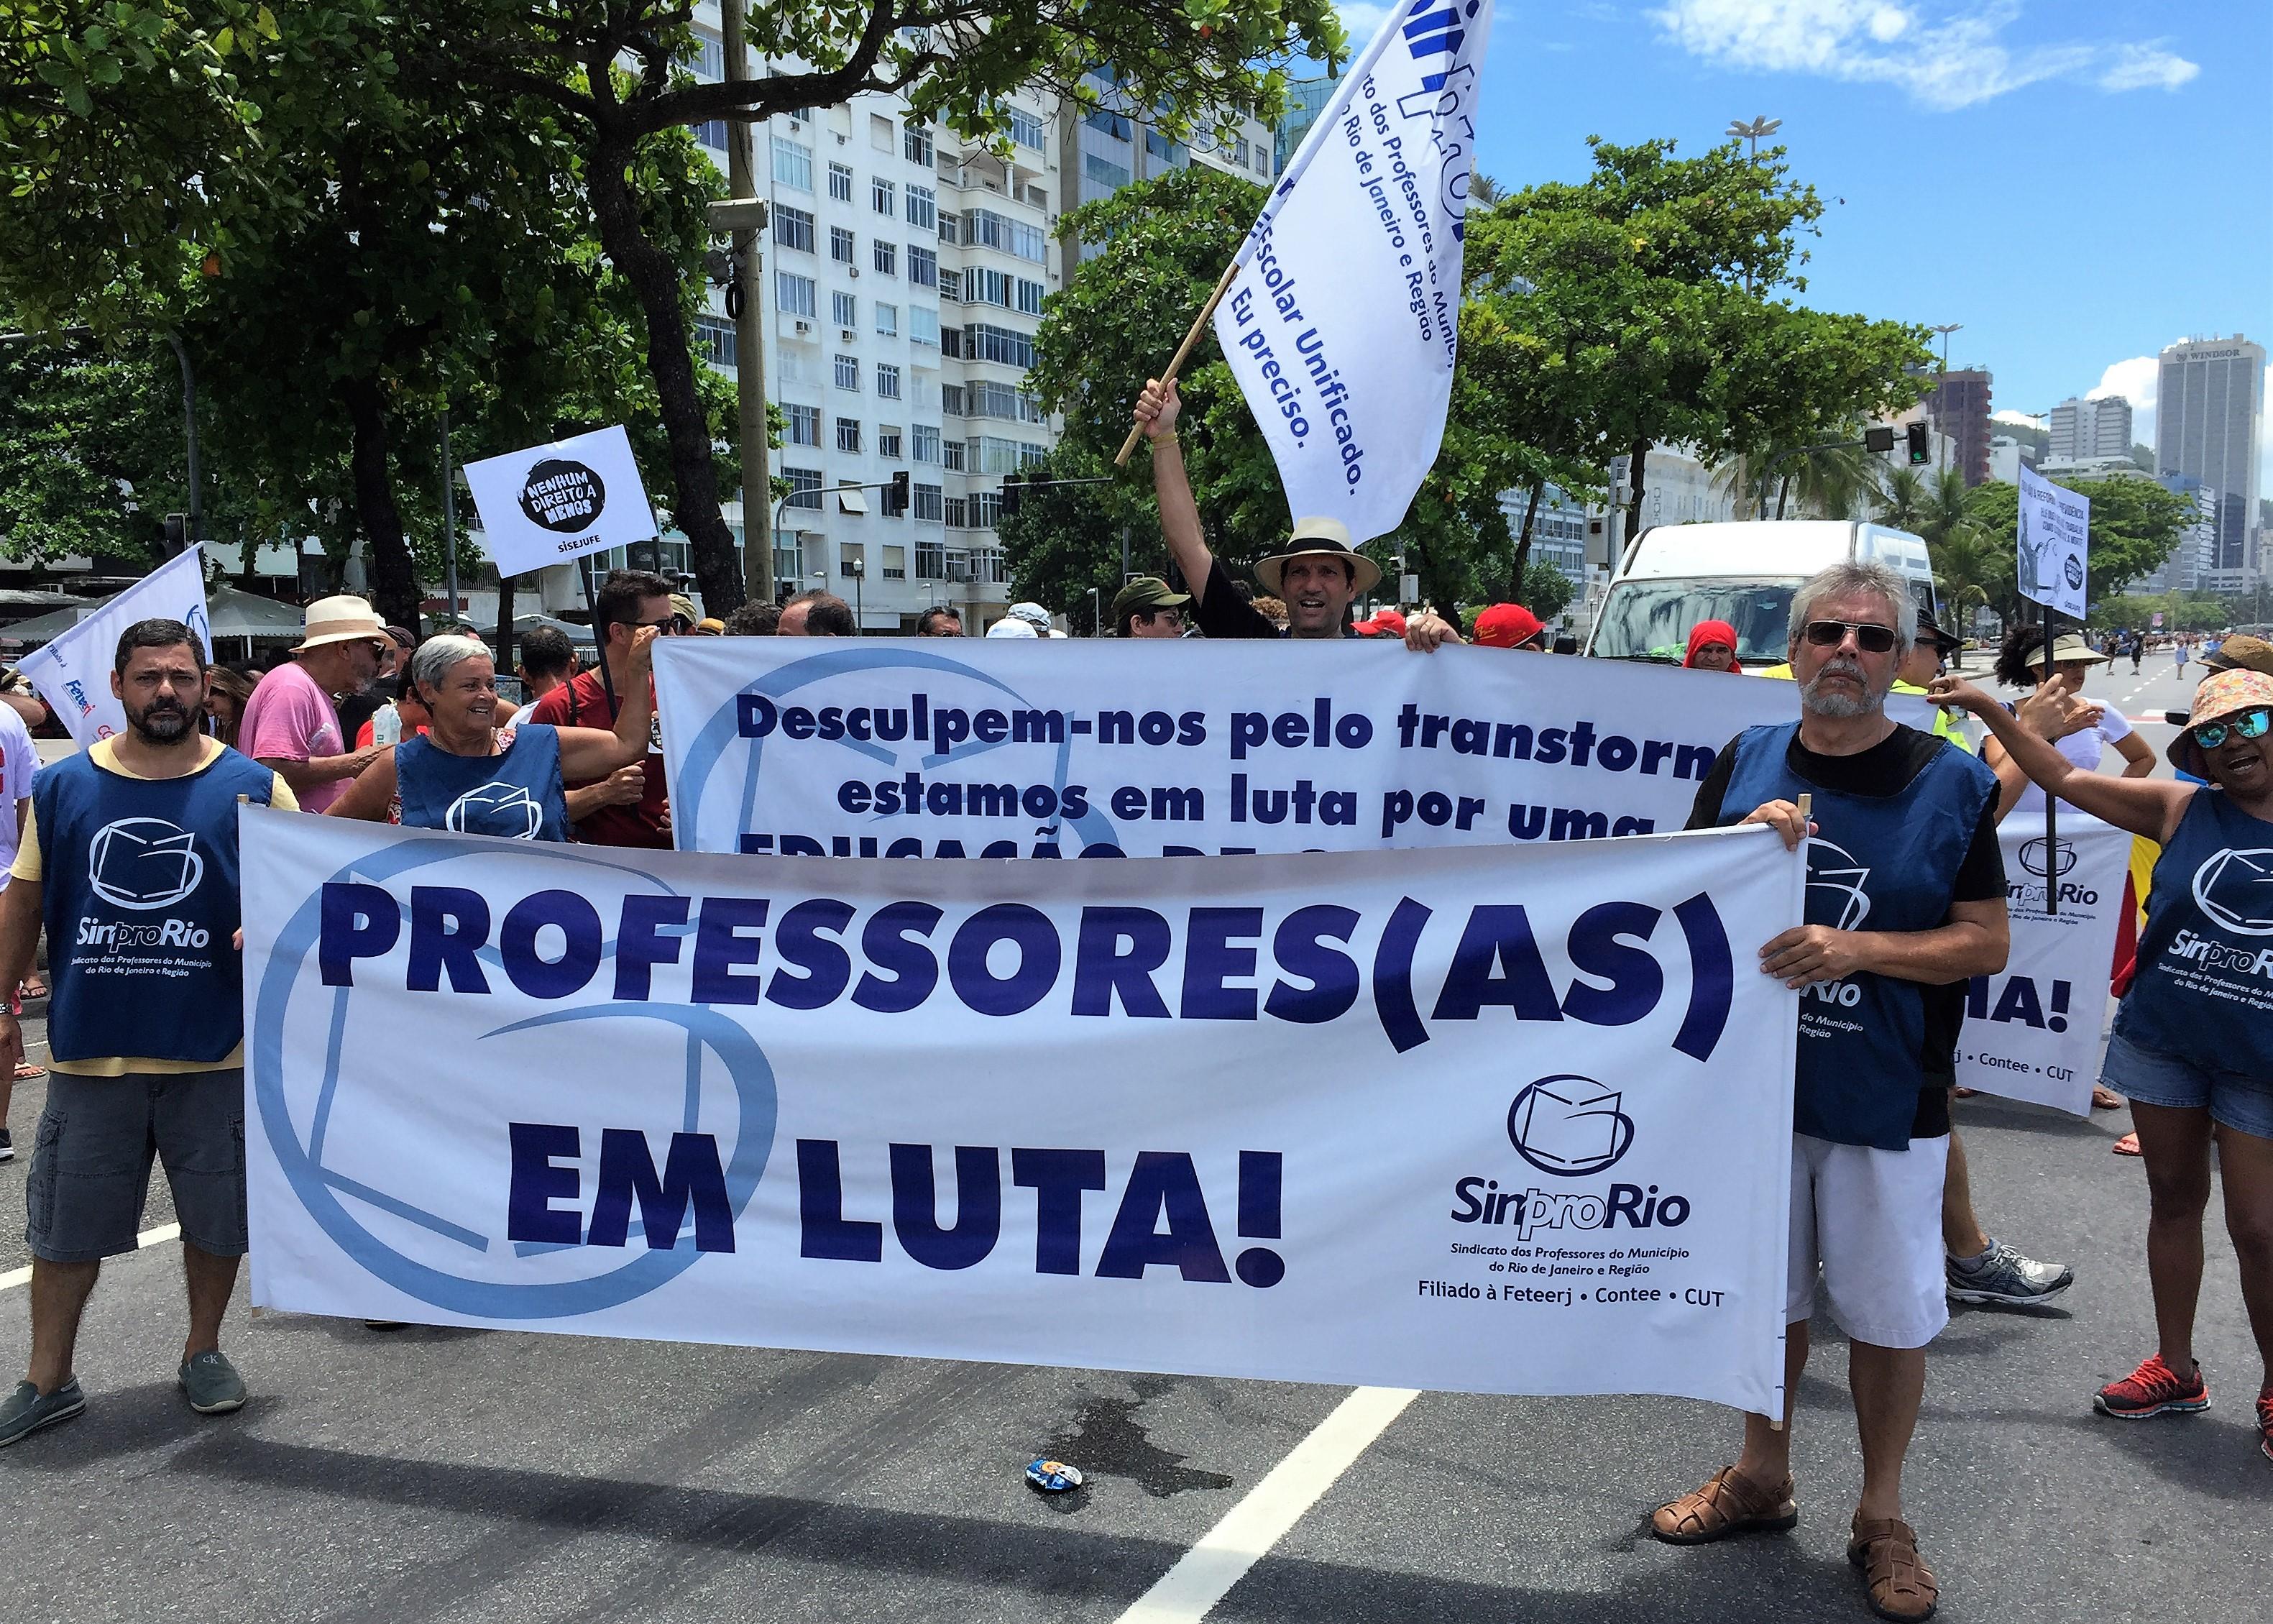 Sinpro-Rio: professoras e professores, em estado de greve, exigem respeito do patronato